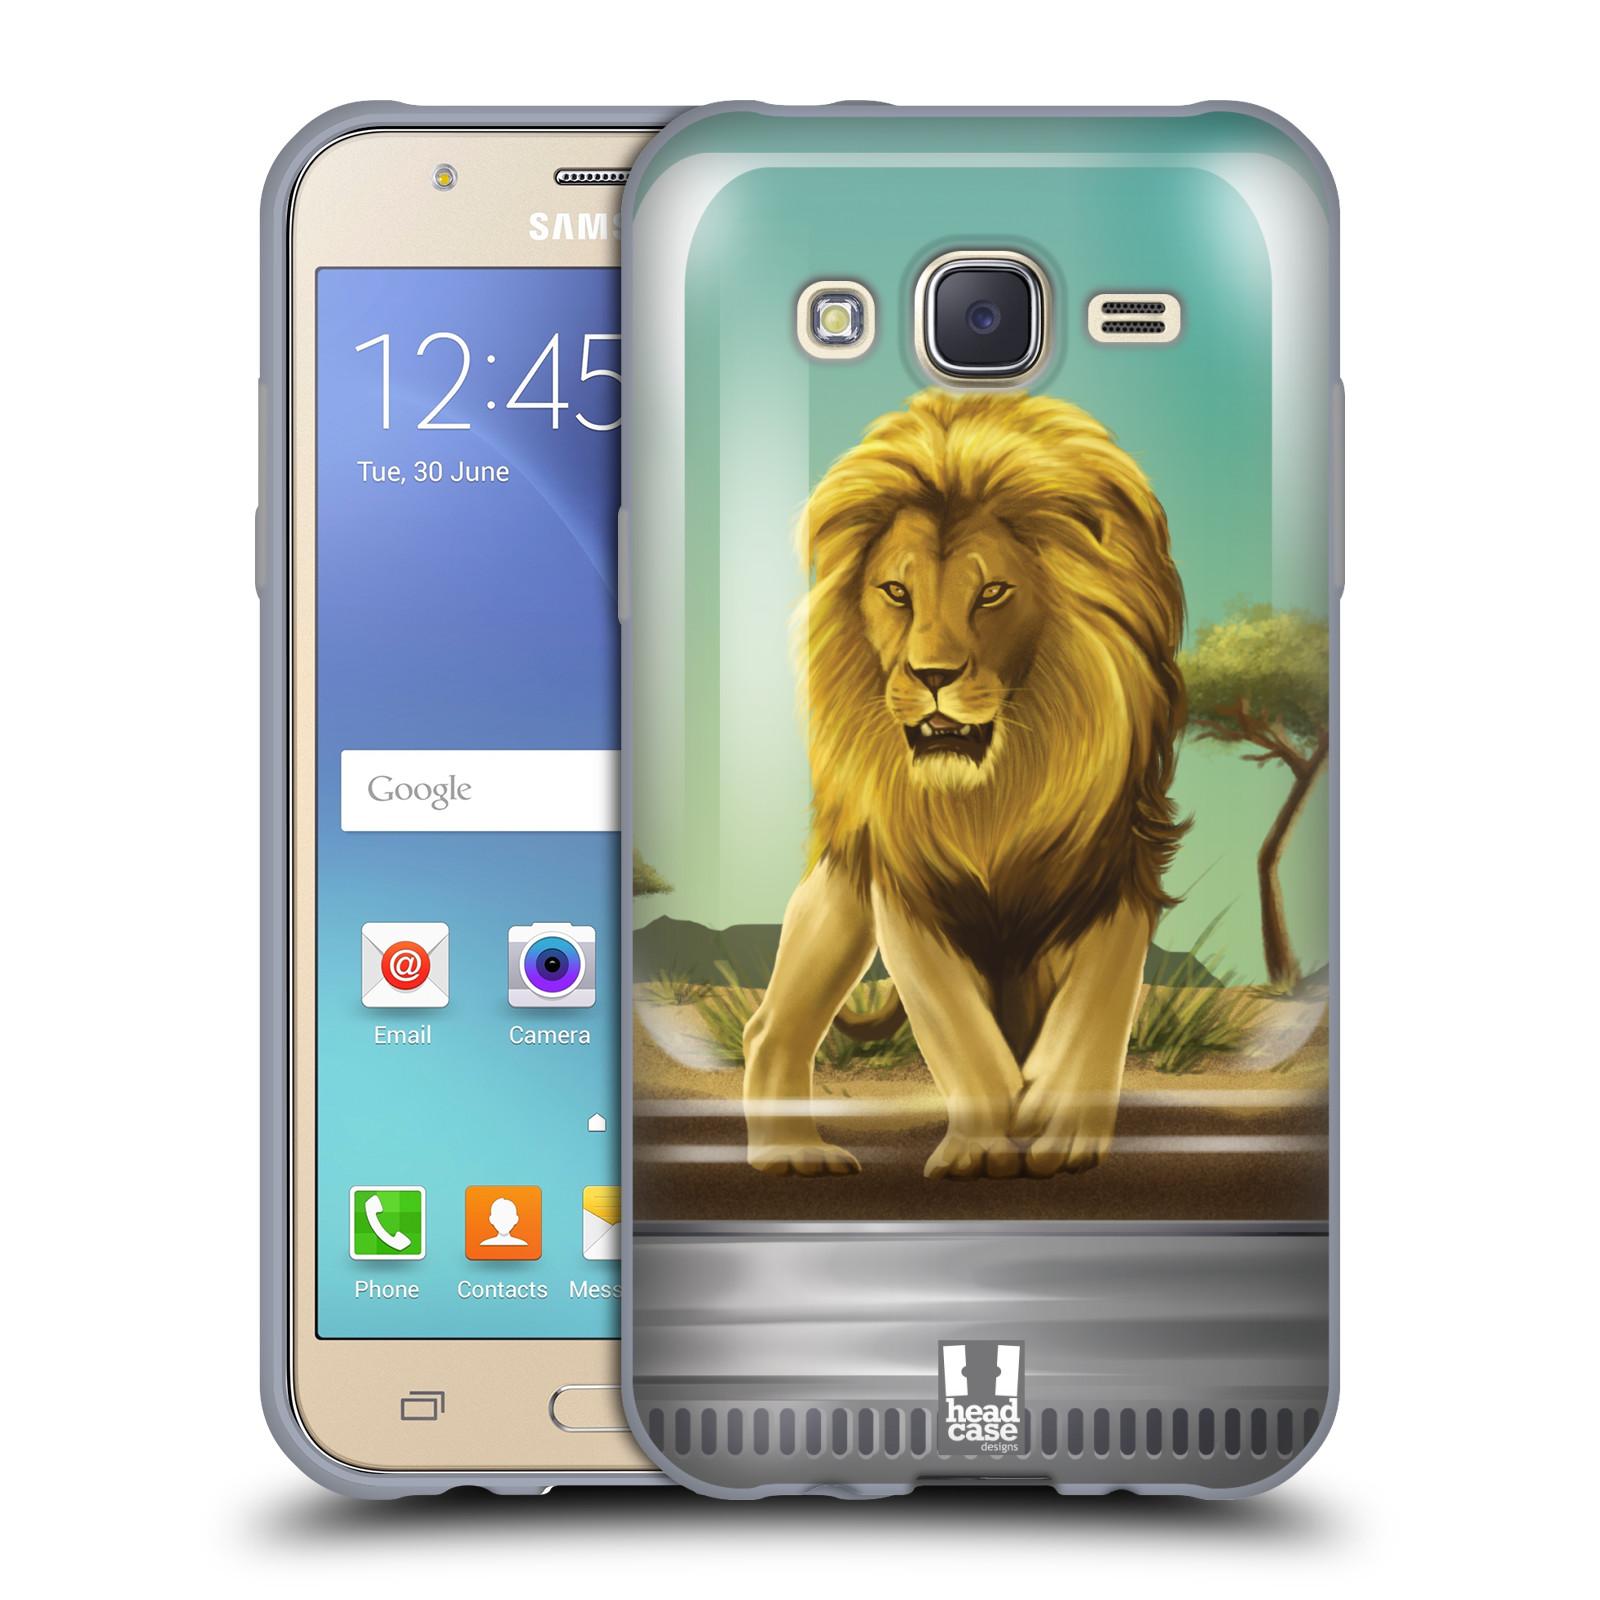 HEAD CASE silikonový obal na mobil Samsung Galaxy J5, J500, (J5 DUOS) vzor Zvířátka v těžítku lev